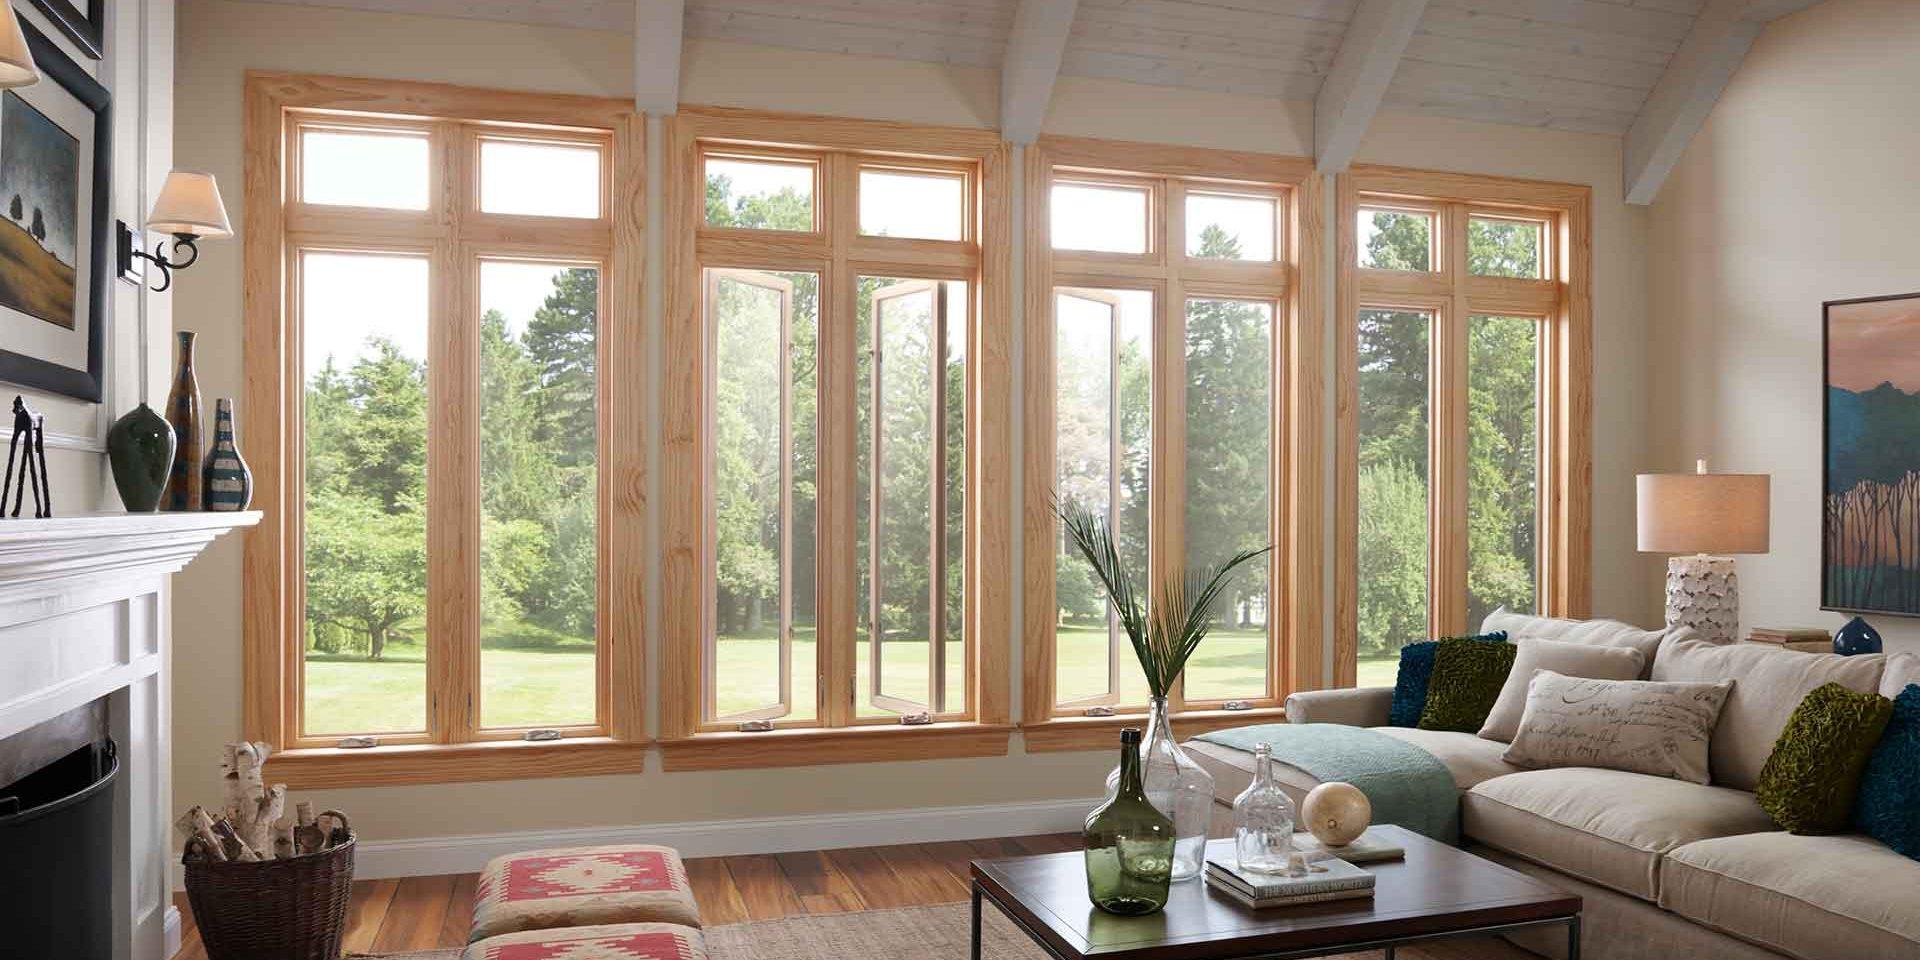 Milgard Fiberglass Windows Statton Glass Inc